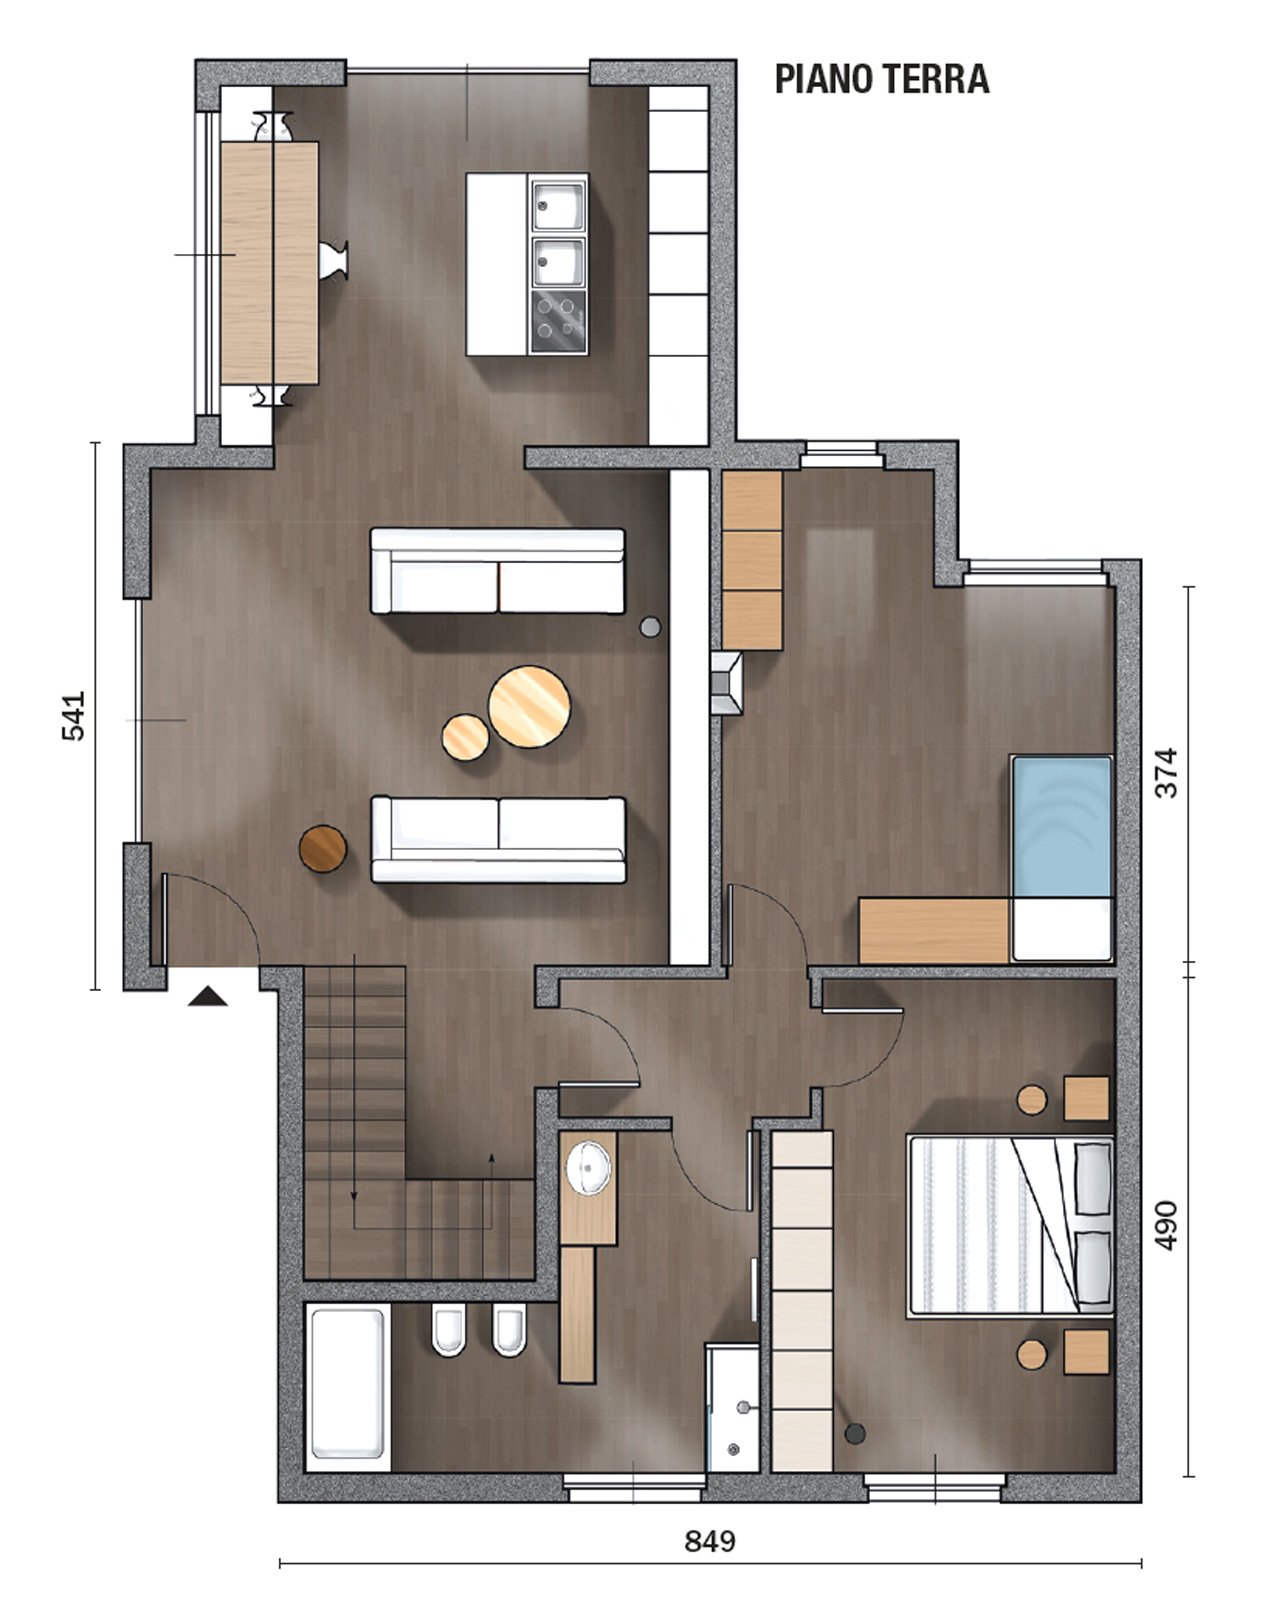 145 mq terra tetto ampi volumi a doppia altezza come in for Piccoli piani di casa in florida